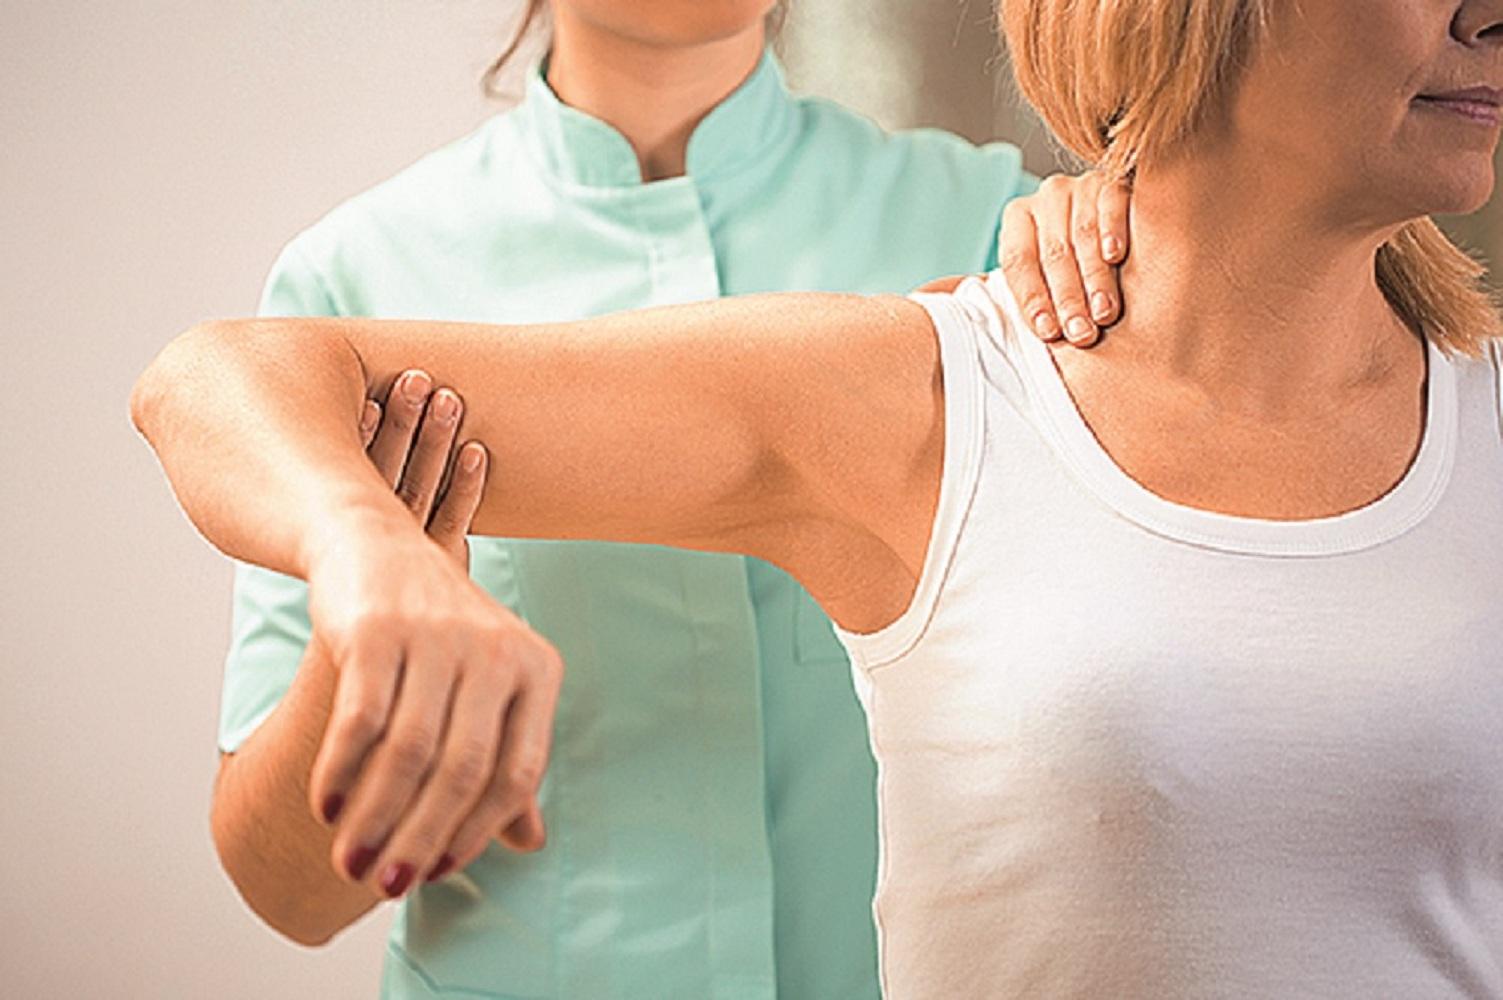 Cum să alinați durerea cu umflarea articulațiilor. You might also be interested in: